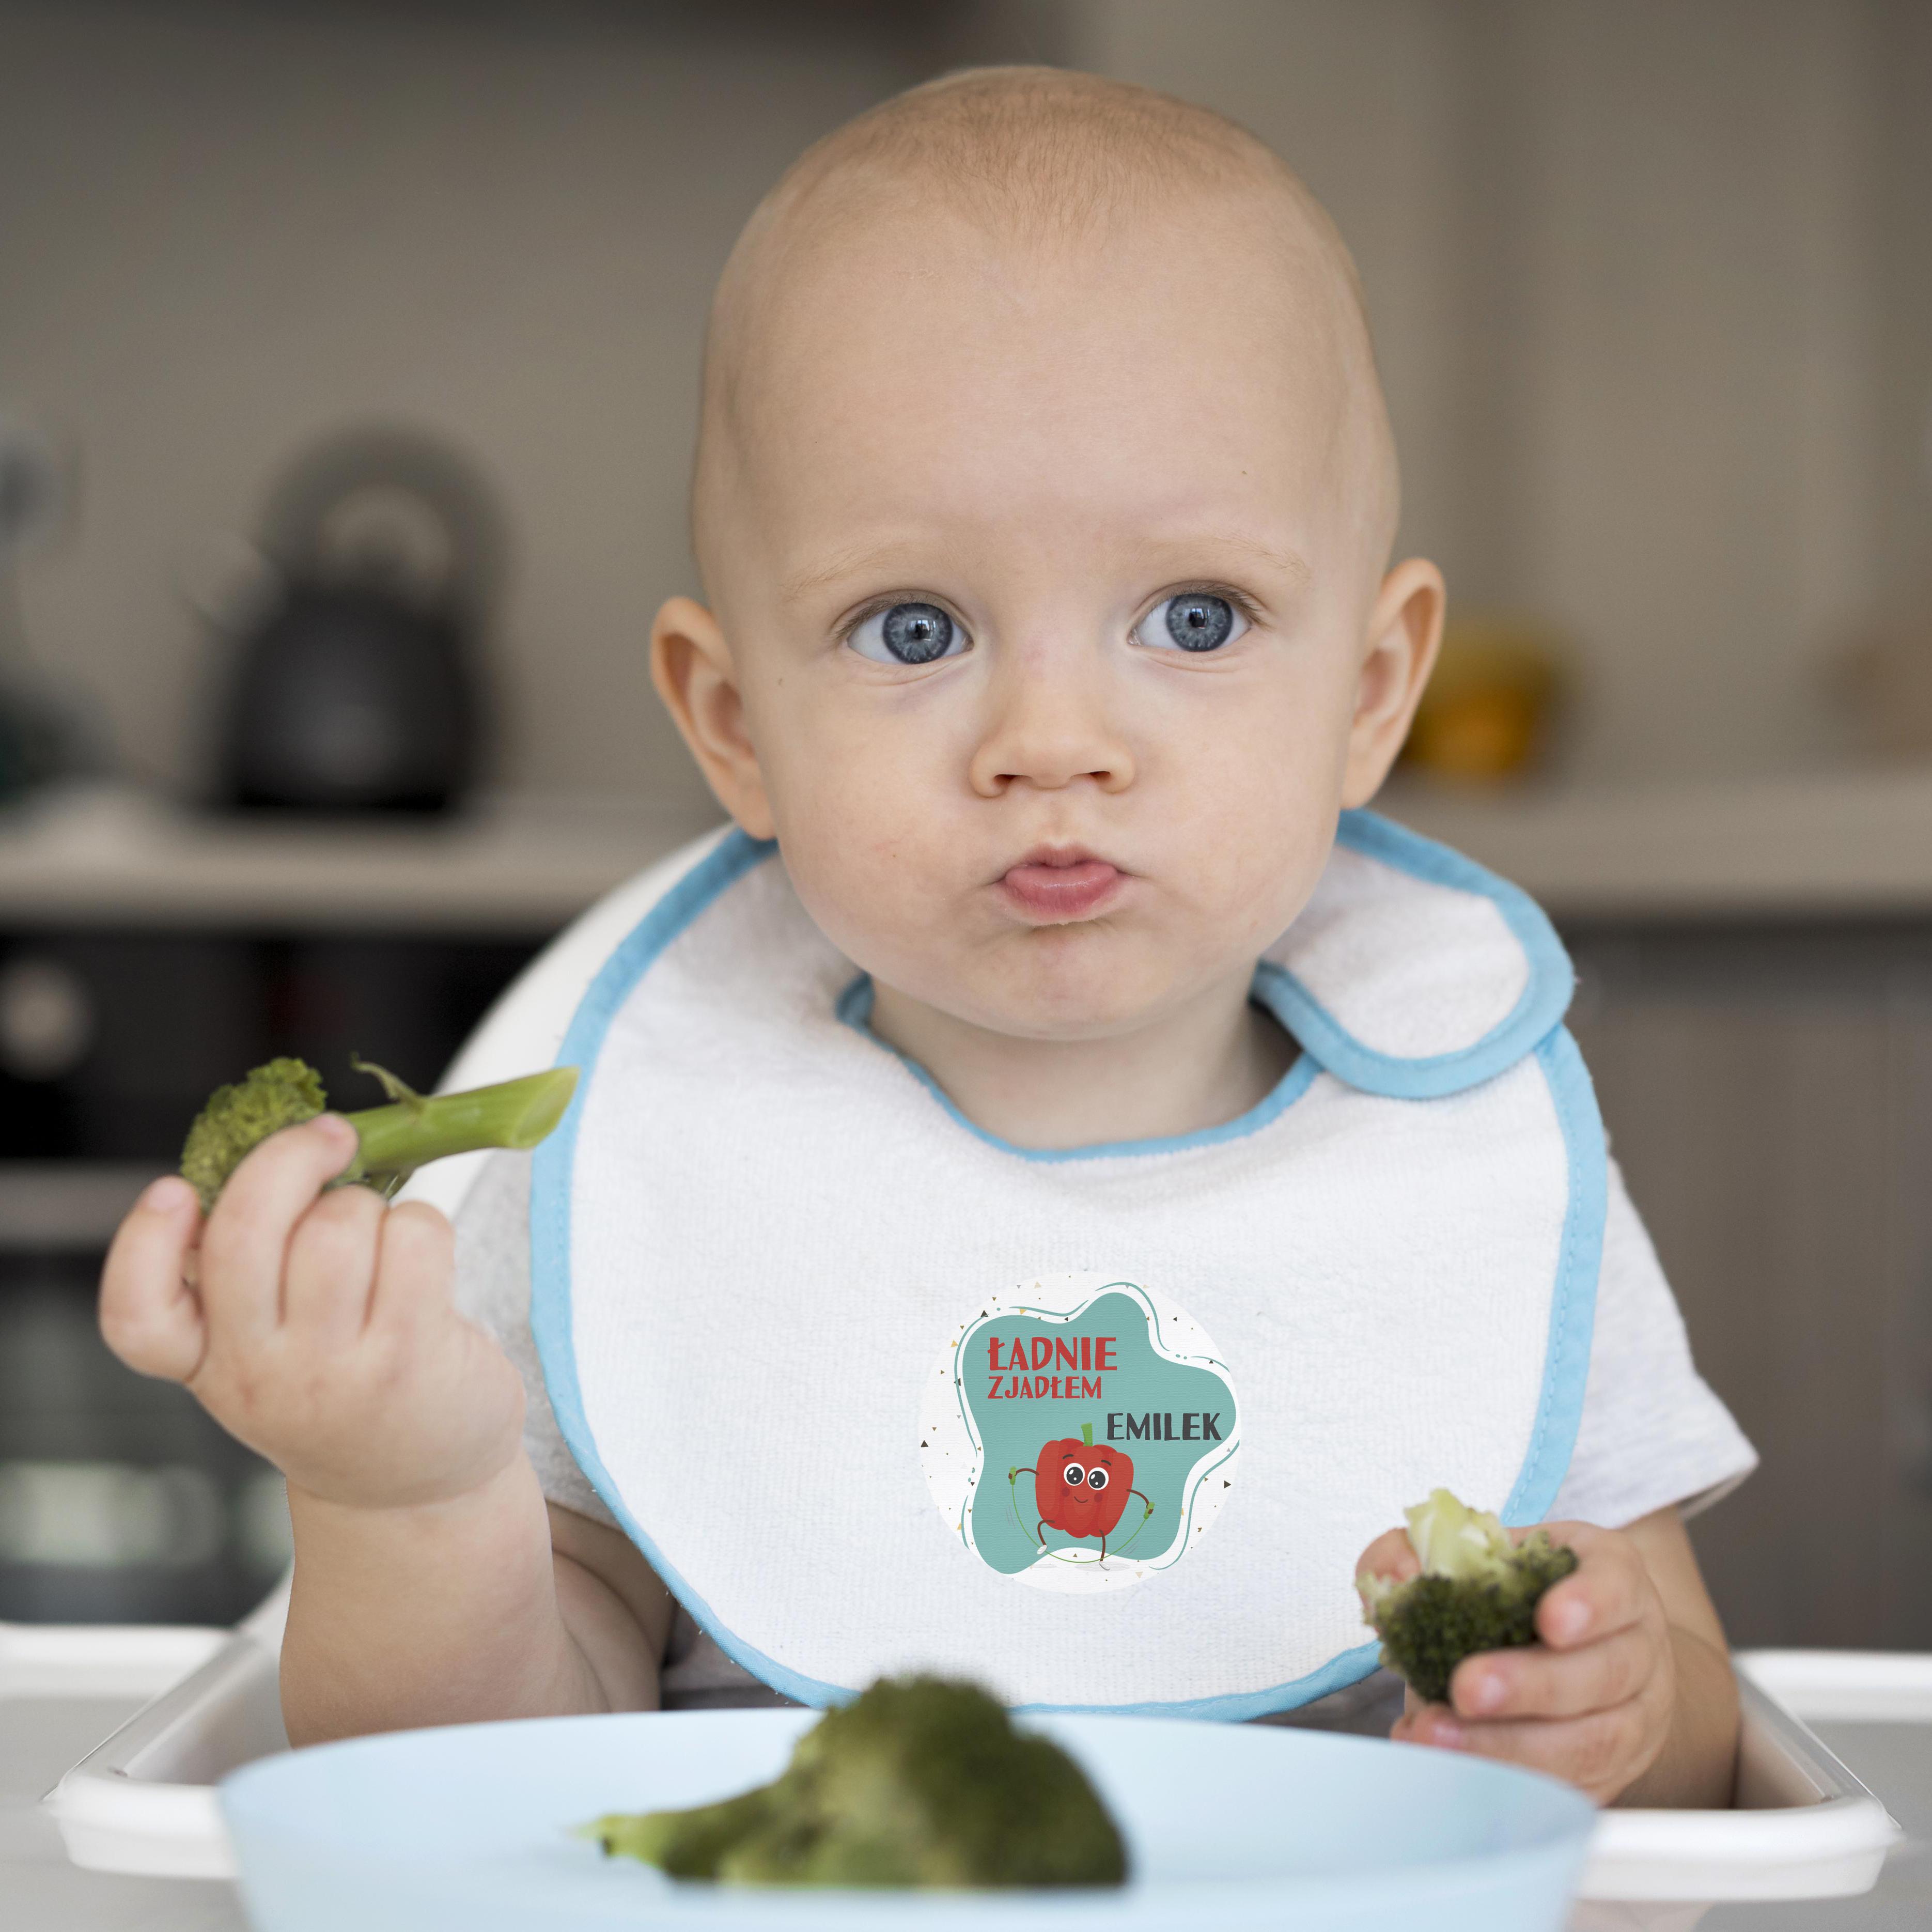 Naklejki nagrody motywacyjne dla dzieci ładnie zjadłem papryka